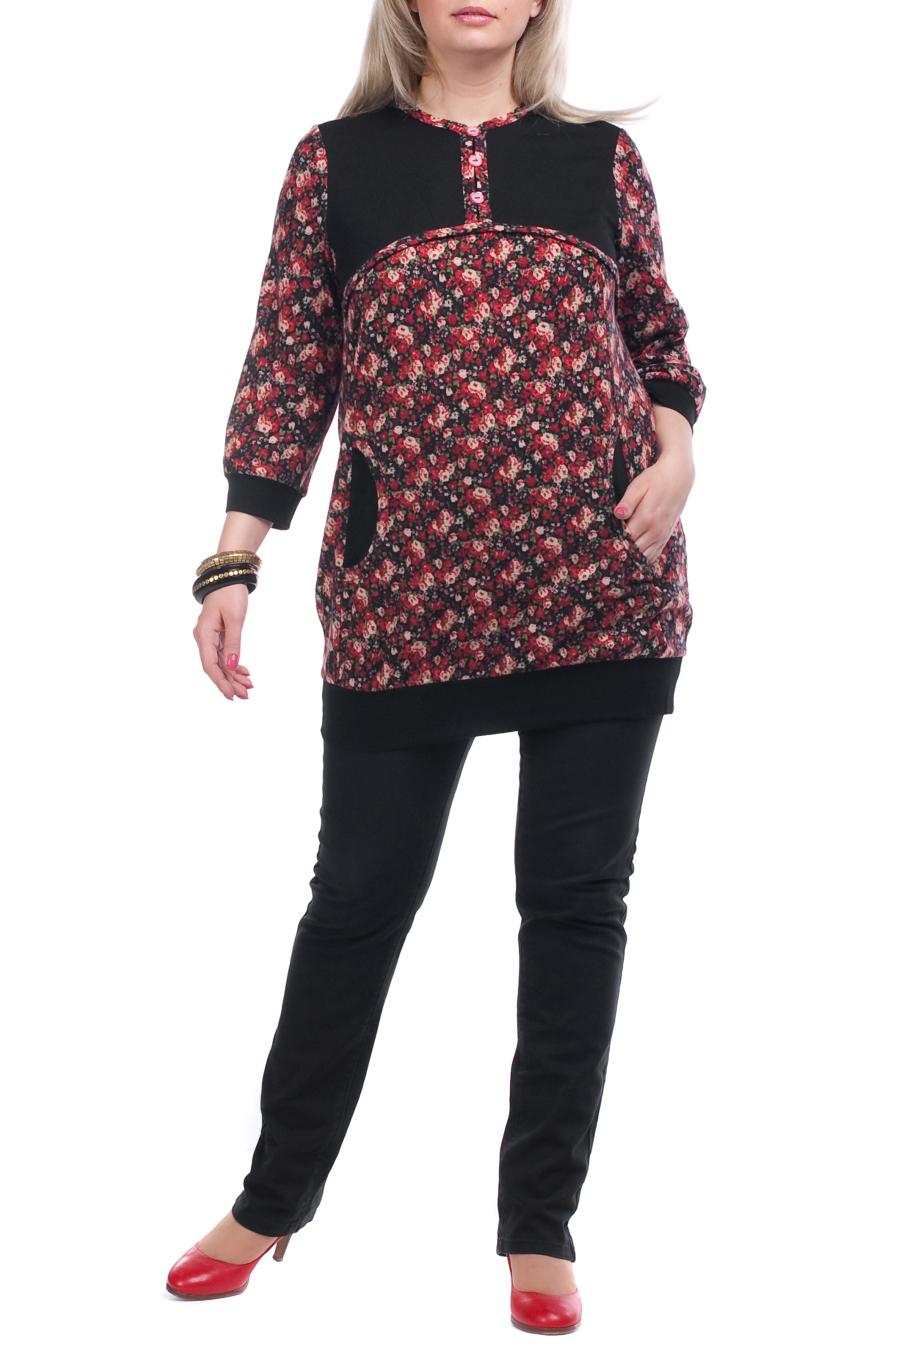 ТуникаТуники<br>Красивая женская туника с круглой горловиной и рукавами 3/4. Модель выполнена из плотного трикотажа. Отличный выбор для повседневного гардероба.  Цвет: черный, красный  Рост девушки-фотомодели 173 см<br><br>Горловина: С- горловина<br>Застежка: С пуговицами<br>По материалу: Вискоза,Трикотаж<br>По рисунку: Растительные мотивы,Цветные,Цветочные<br>По сезону: Весна,Осень<br>По силуэту: Полуприталенные<br>По стилю: Повседневный стиль<br>По элементам: С декором,С карманами<br>Рукав: Рукав три четверти<br>Размер : 52,56,58,60,62,64,66,70<br>Материал: Трикотаж<br>Количество в наличии: 11